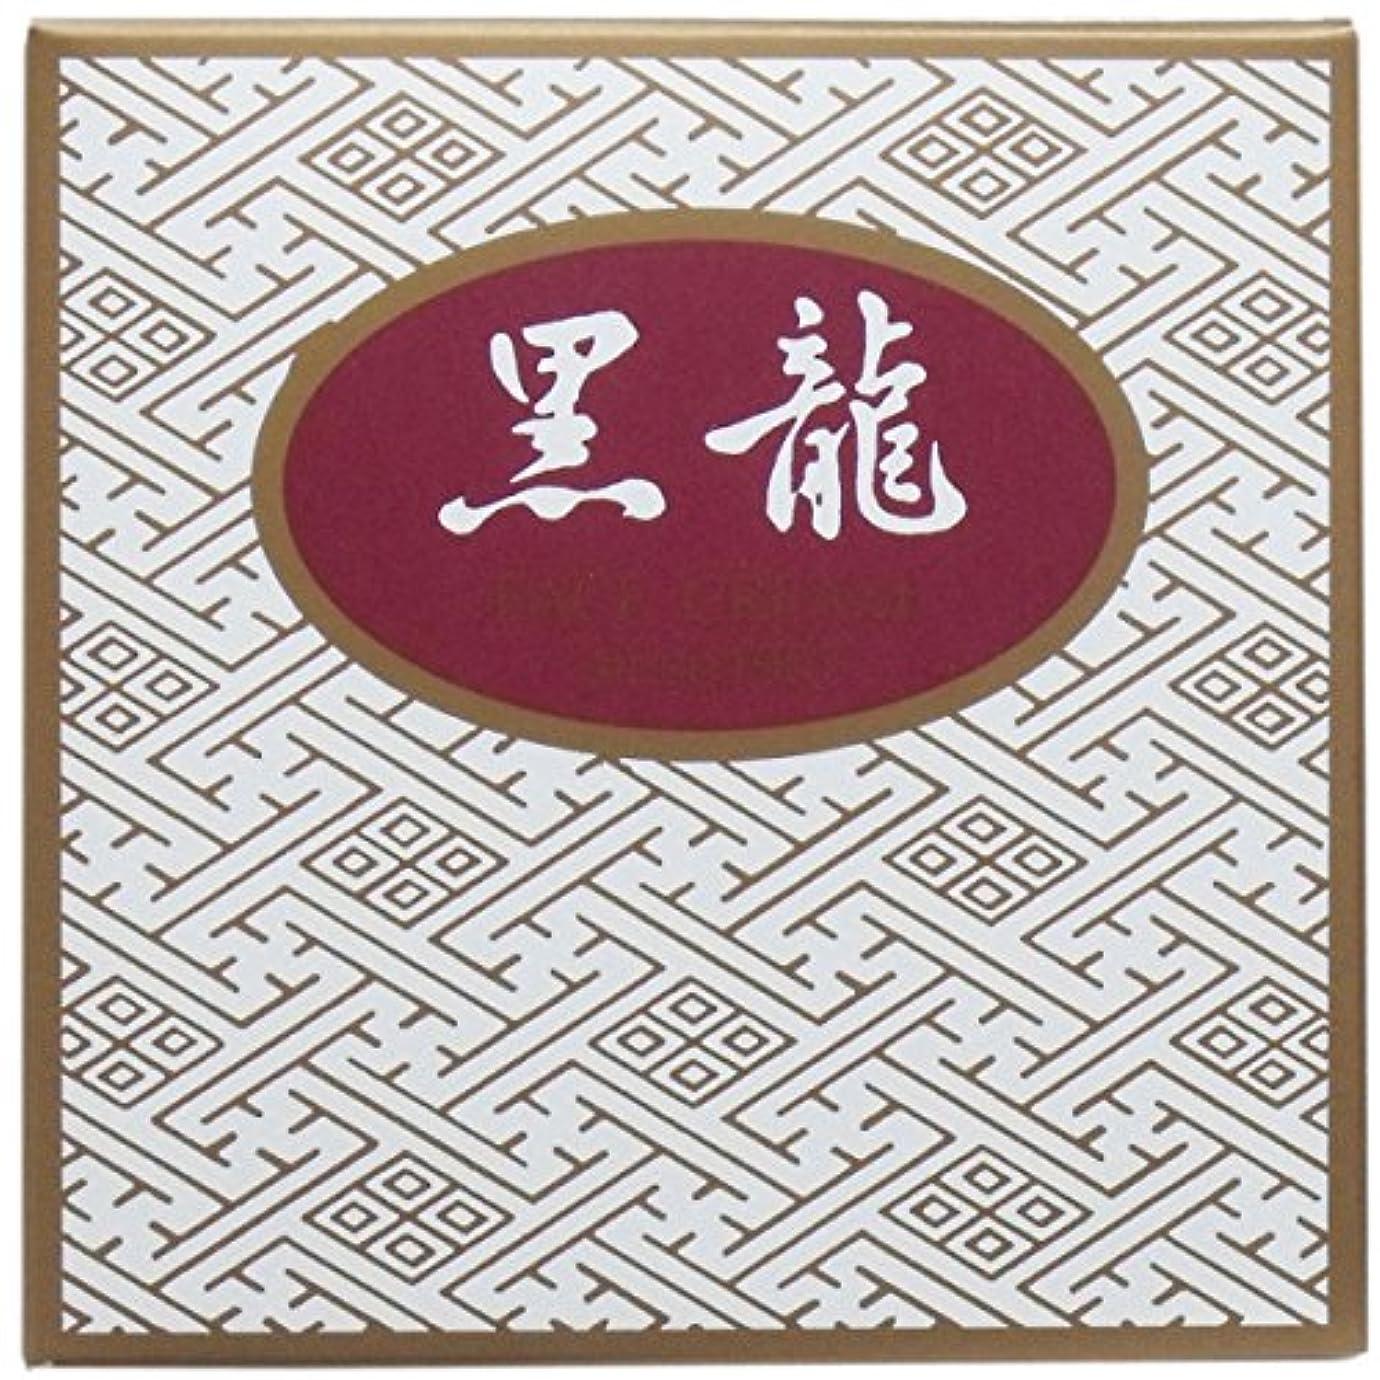 迷信共同選択シガレット薬効クリーム 黒龍 金線 70g×3個セット